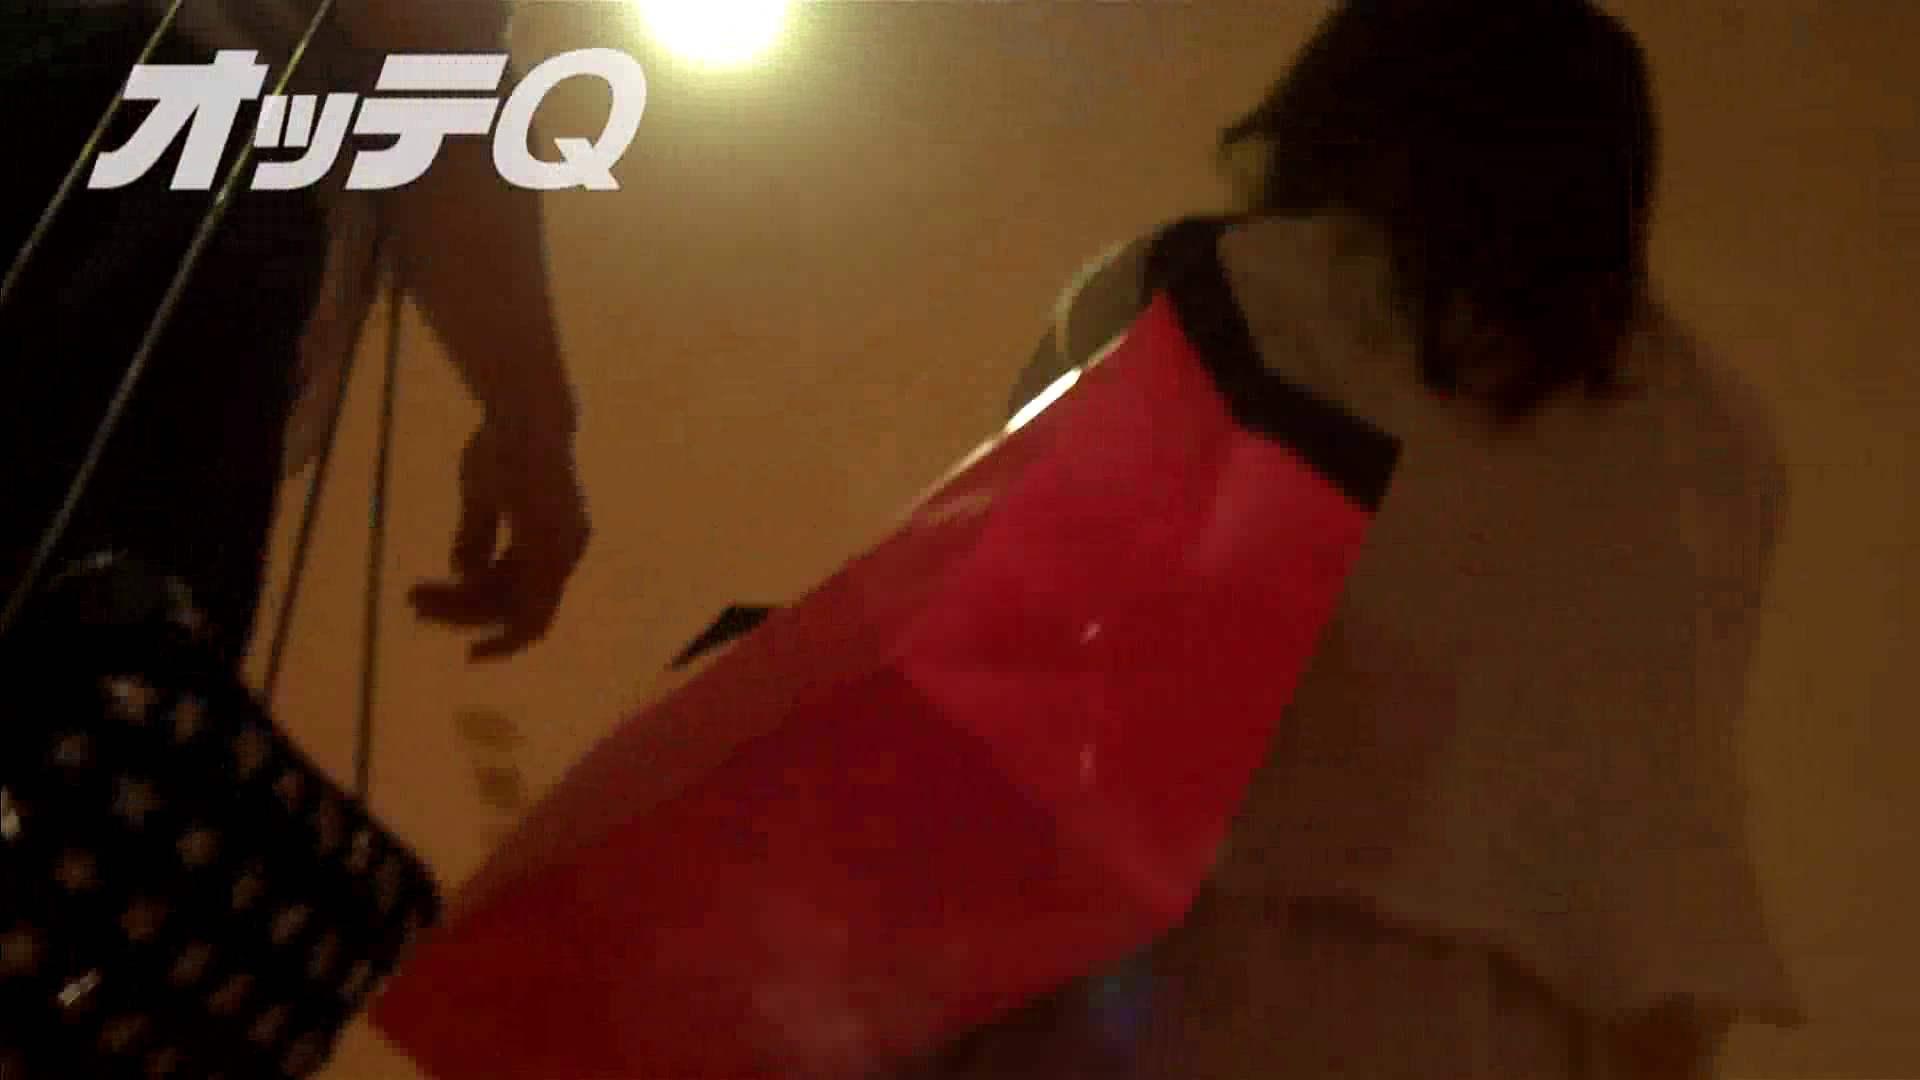 ハイビジョンパンチラ オッテQさんの追跡パンチラデパート編VOL.04 チラ系 オマンコ無修正動画無料 105pic 88